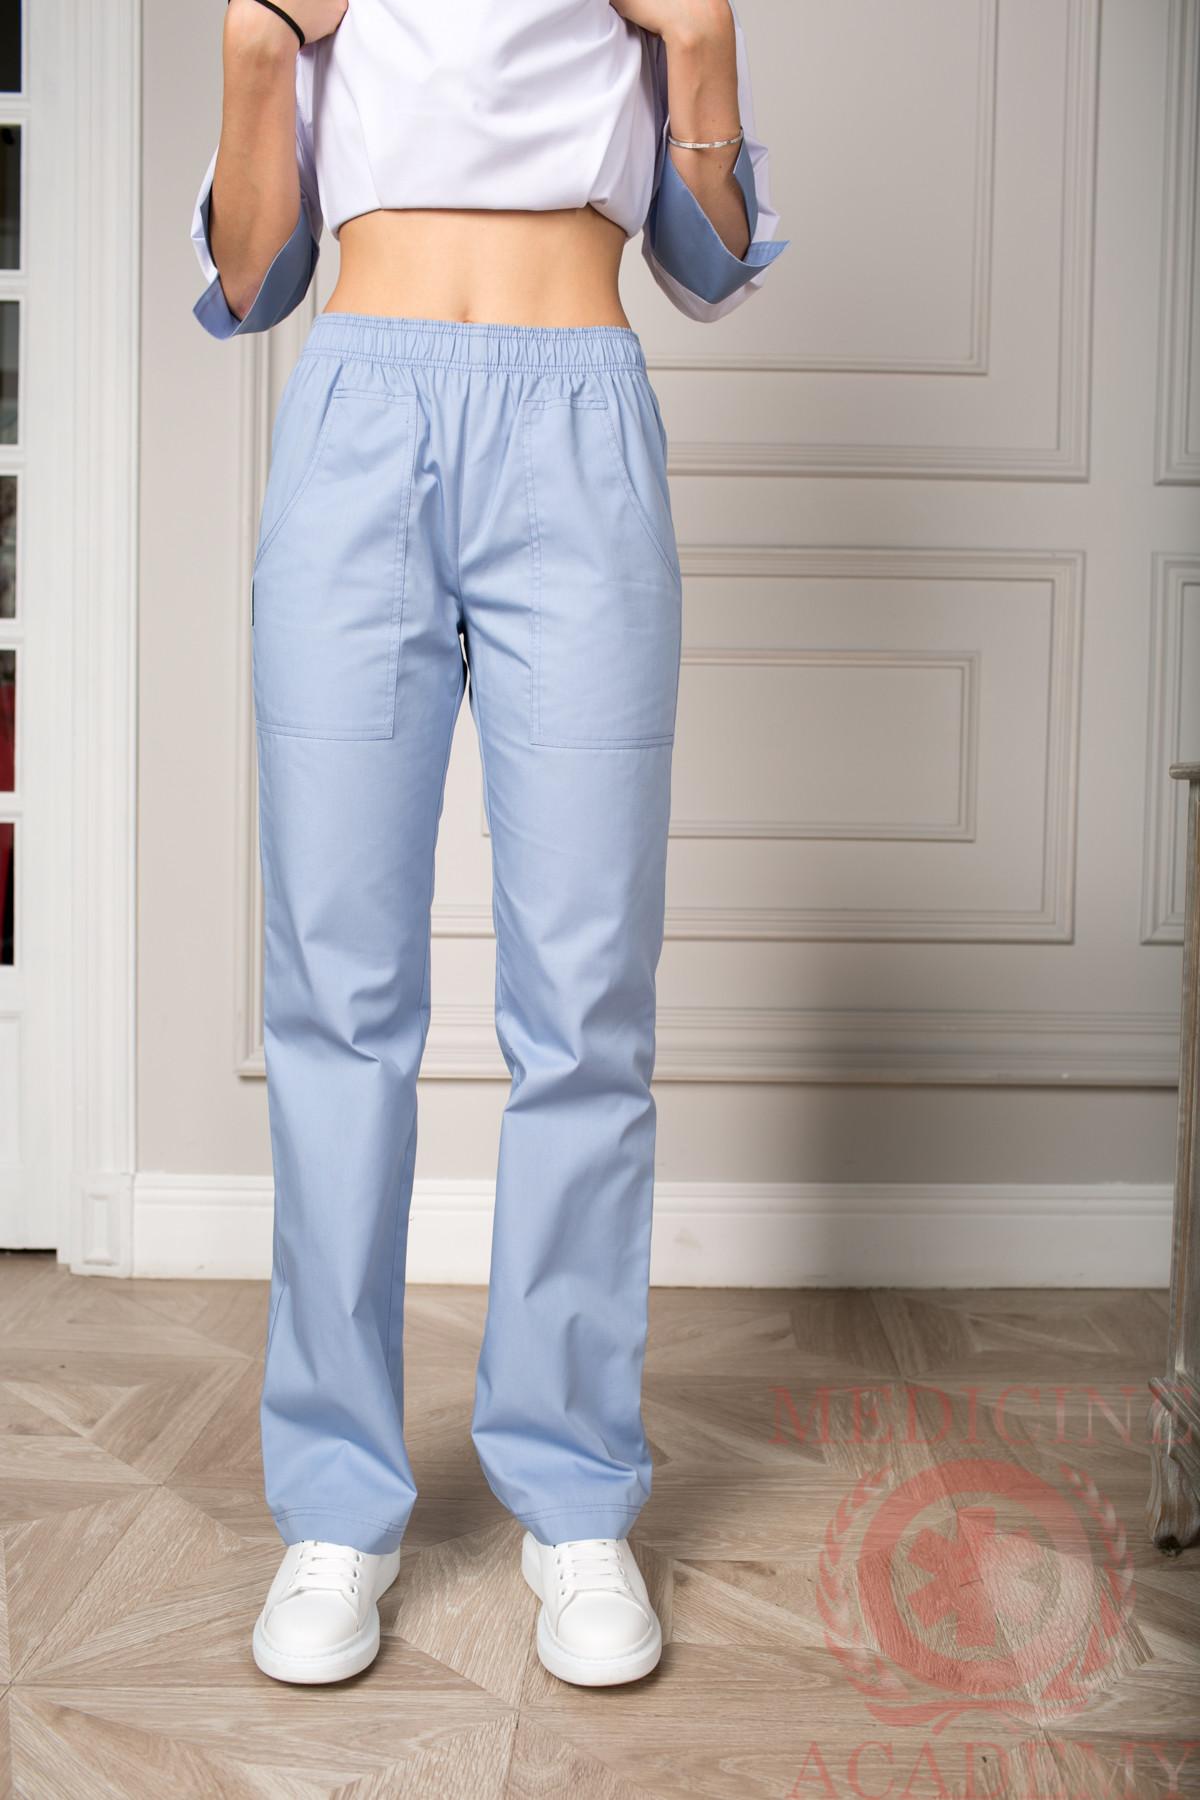 Брюки на резинке серо-голубые пф025сг